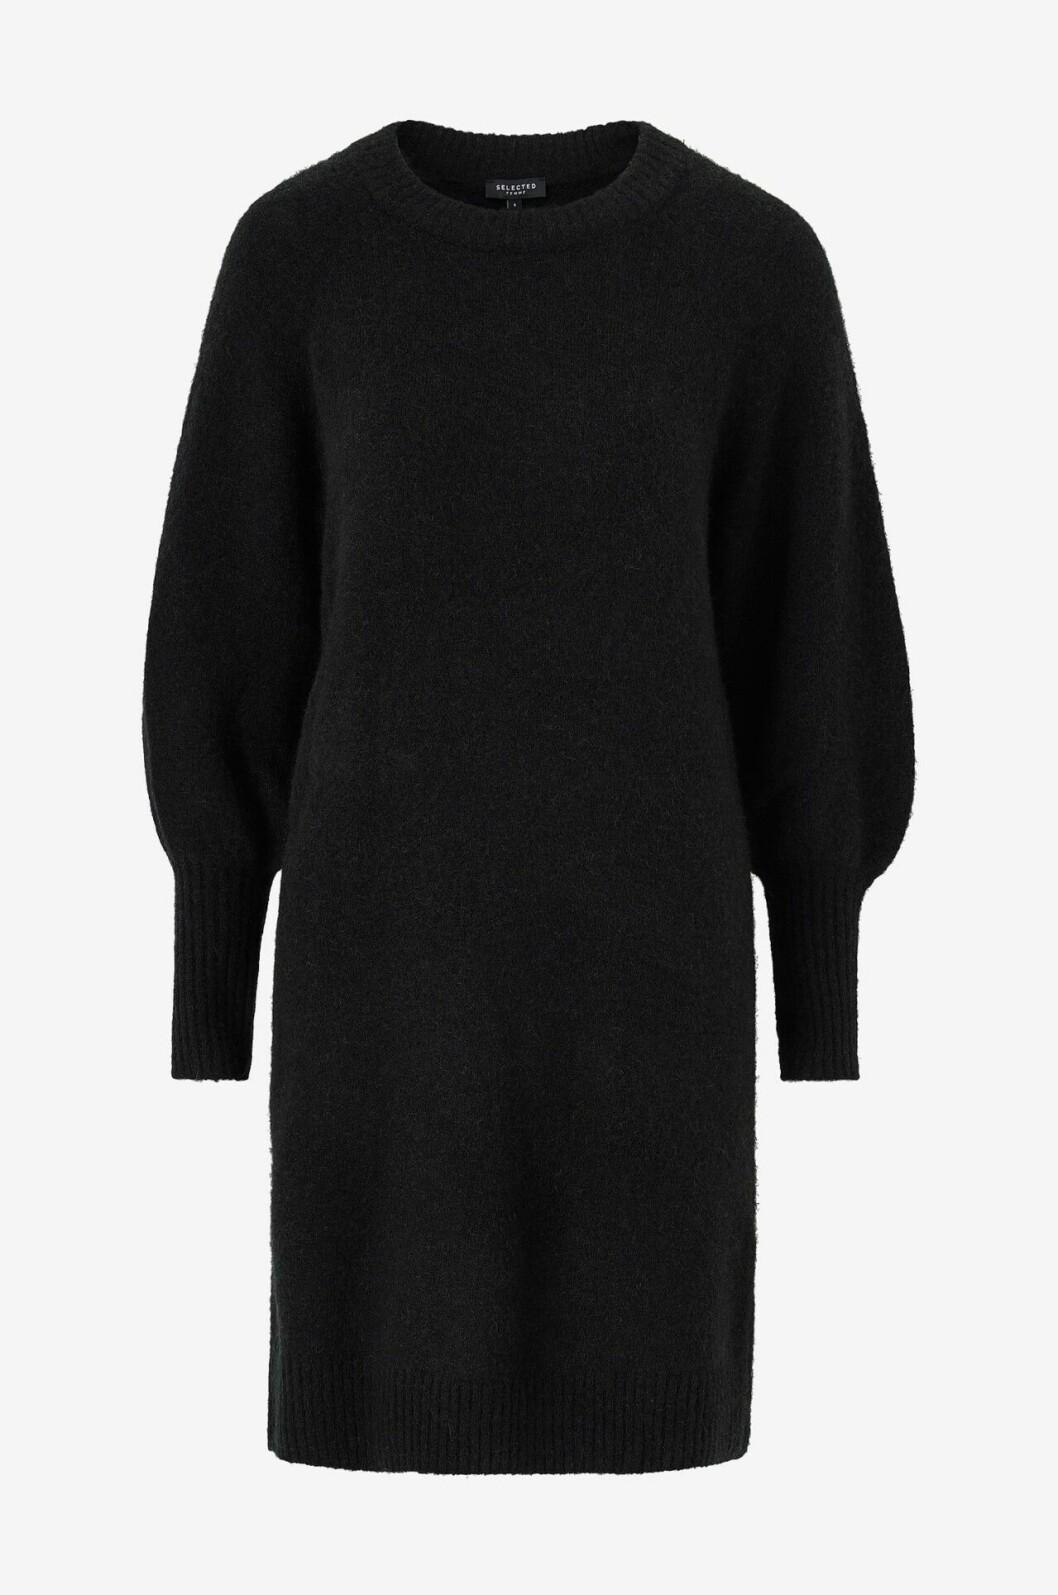 Svart stickad klänning med lång arm för dam till hösten 2019